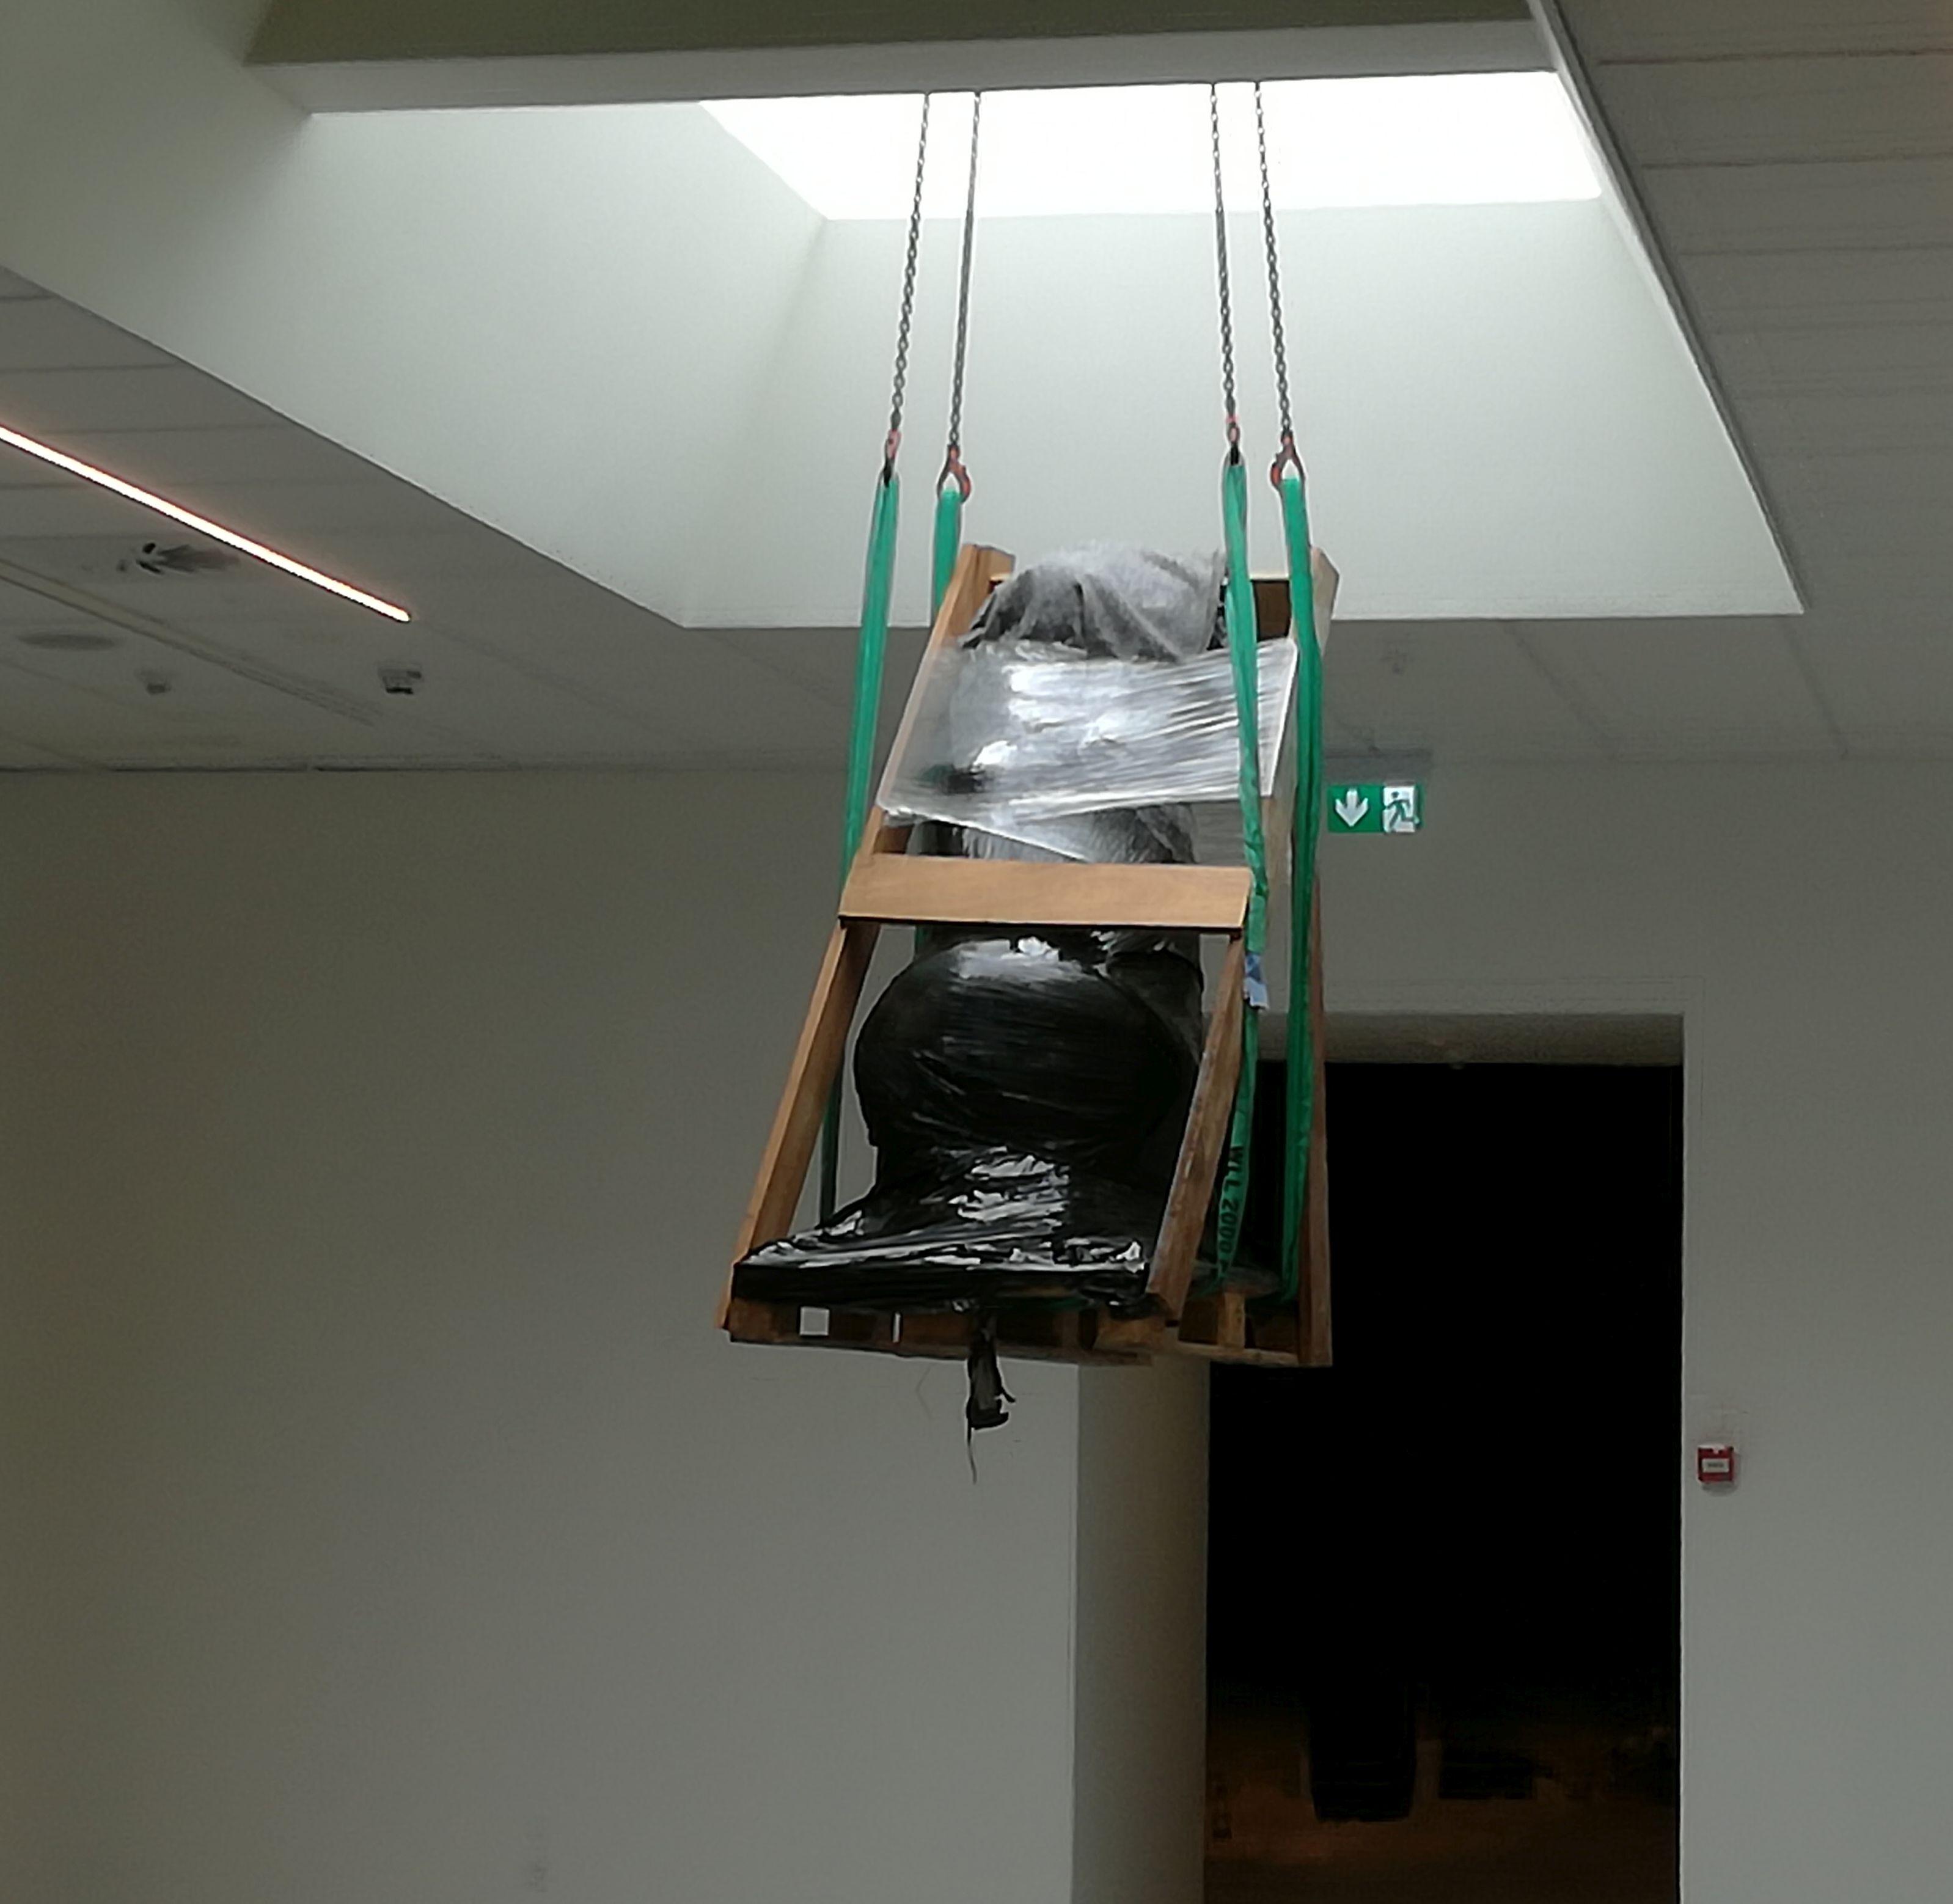 skulptur på vej ned gennem ovenlysvindue